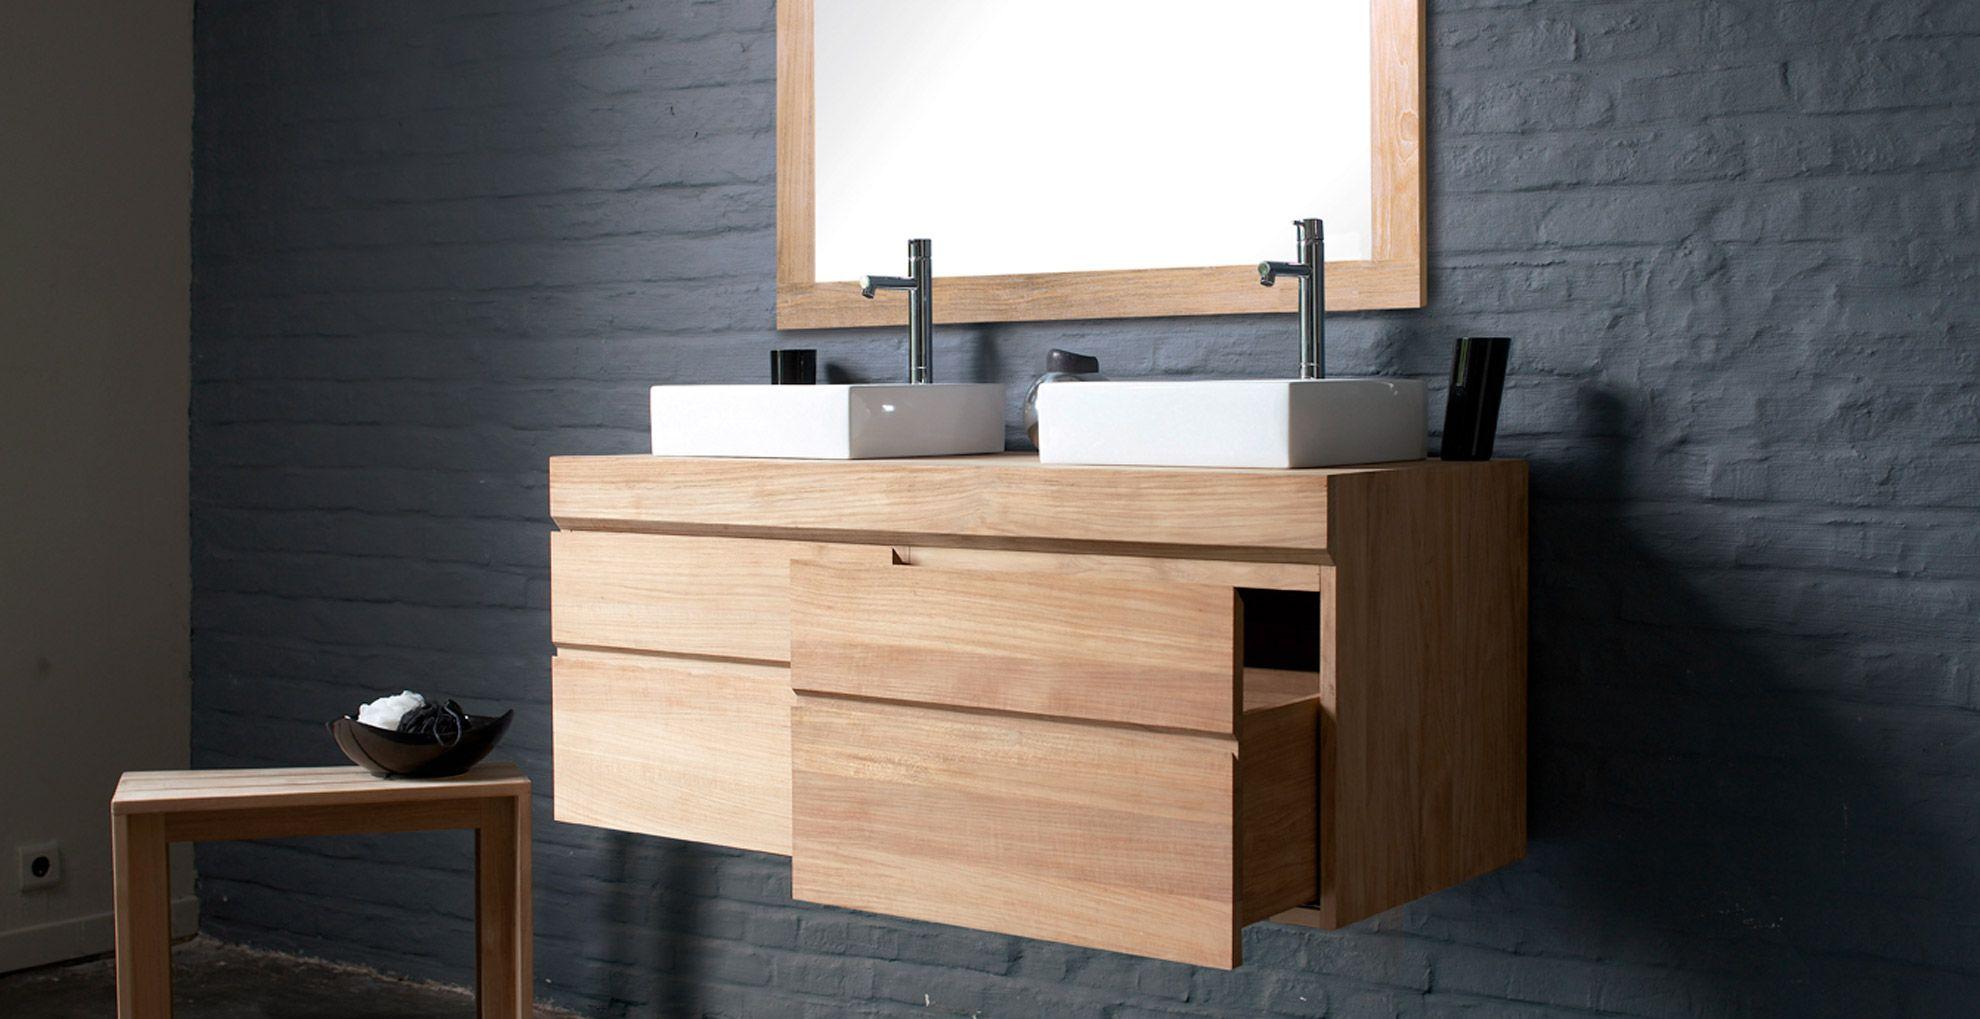 salle de bain et meubles en bois tendance nature architecture en 2019 salle de bain teck